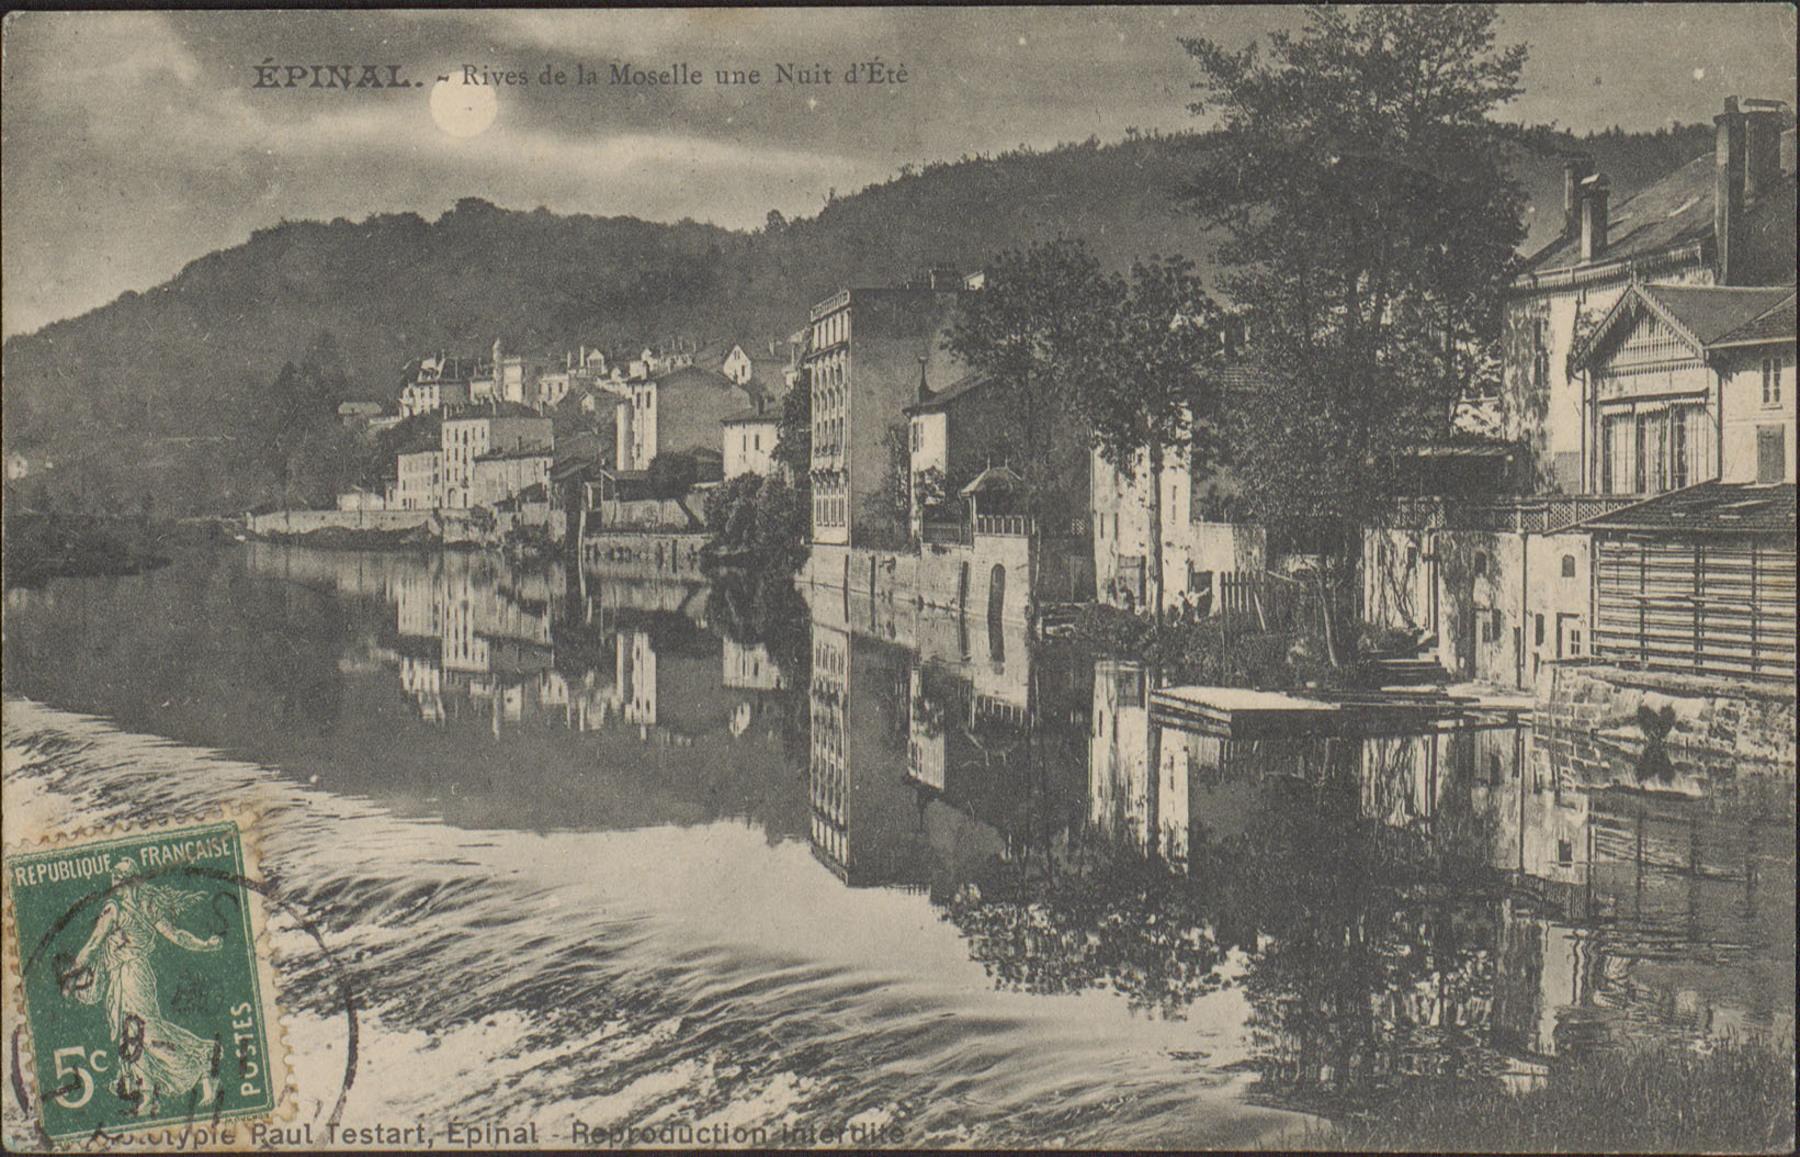 Contenu du Épinal, Rives de la Moselle une nuit d'été